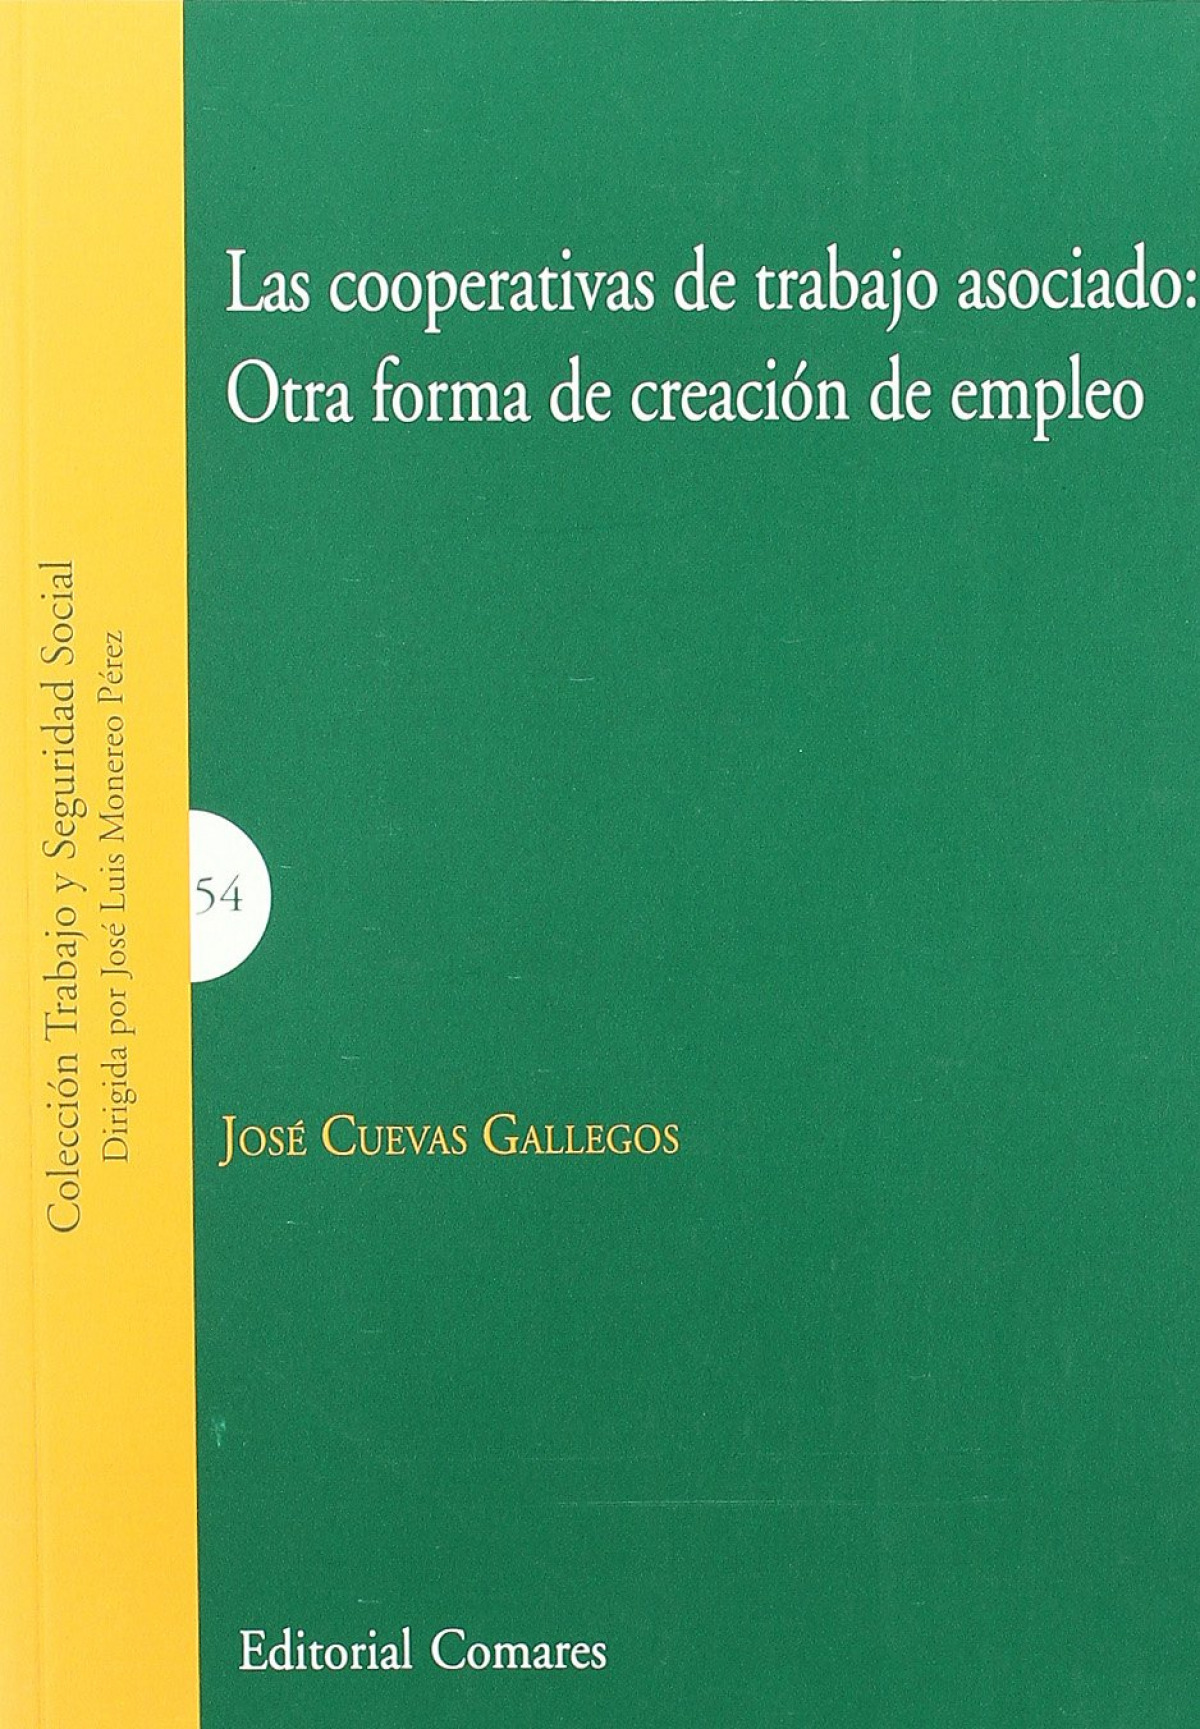 Las cooperativas de trabajo asociado 9788498368017